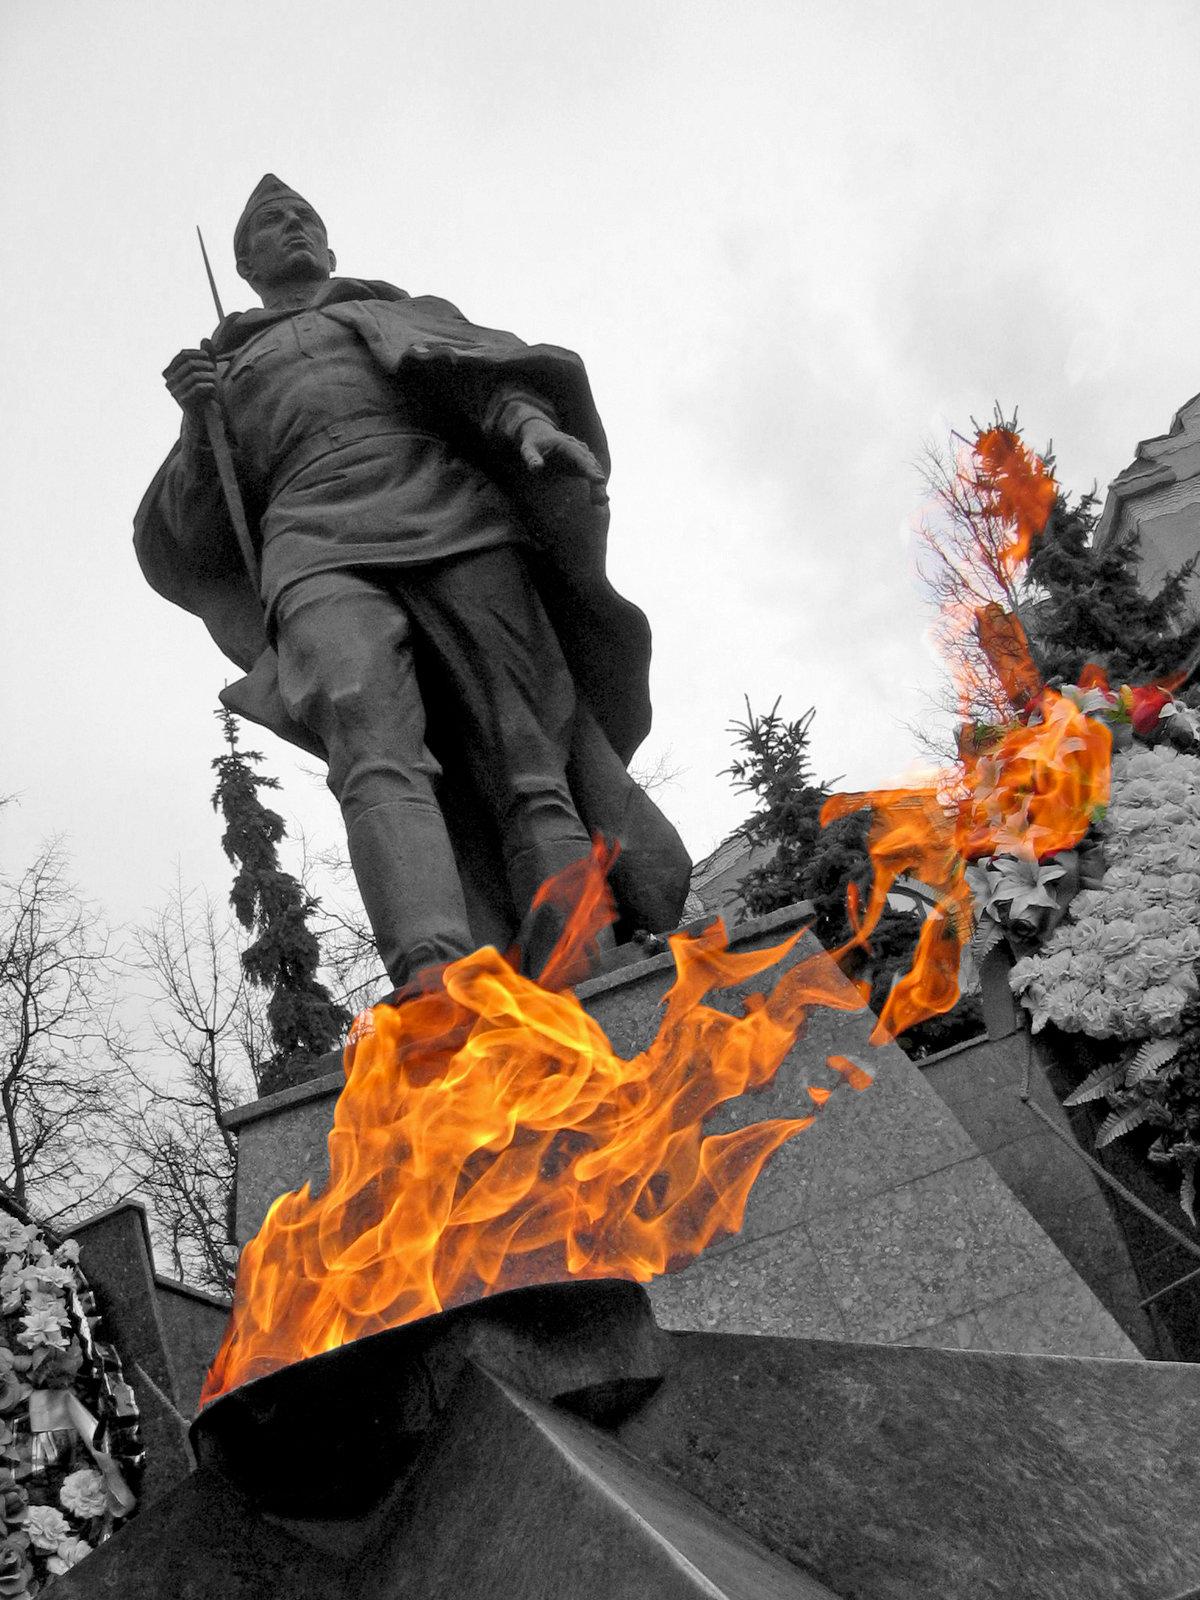 картинки памятников дня победы если есть